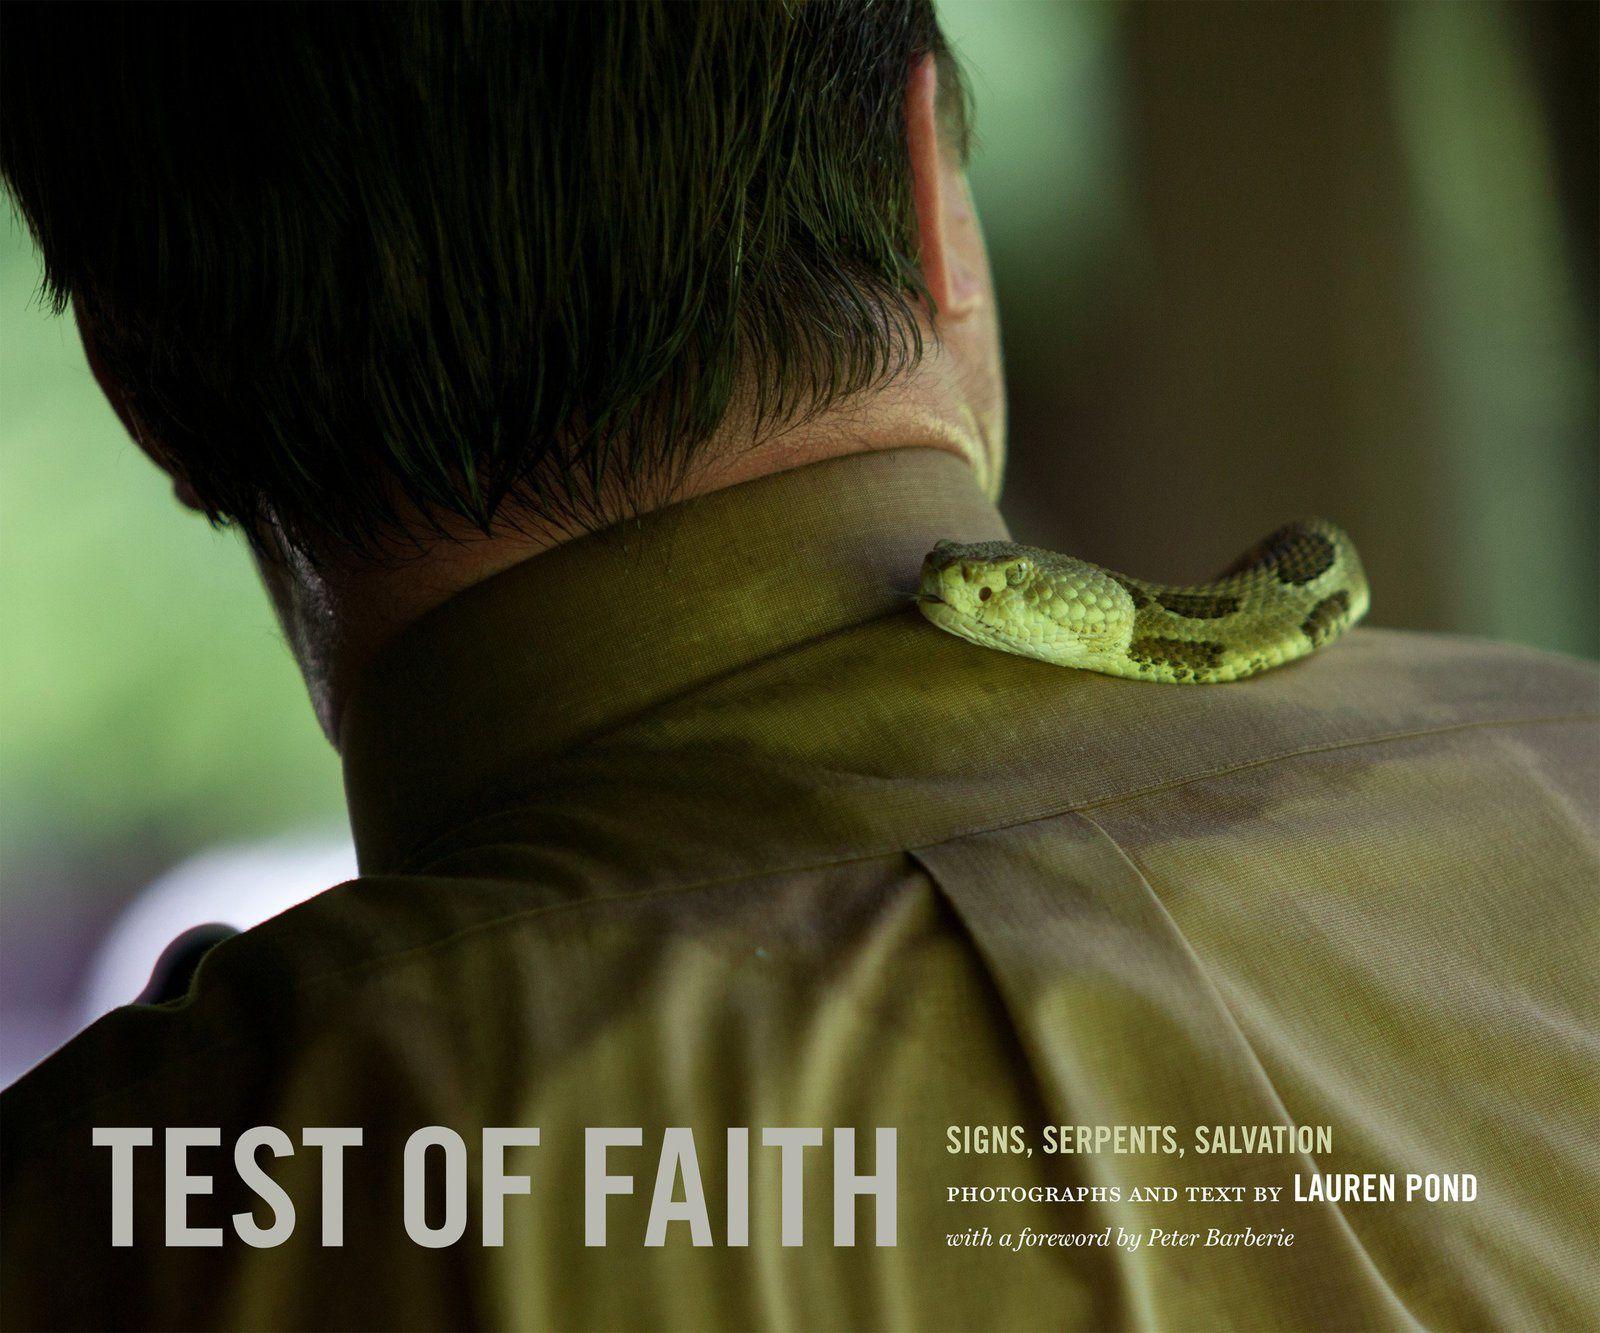 Etats-Unis - Les églises qui testent la foi avec des serpents existent toujours !